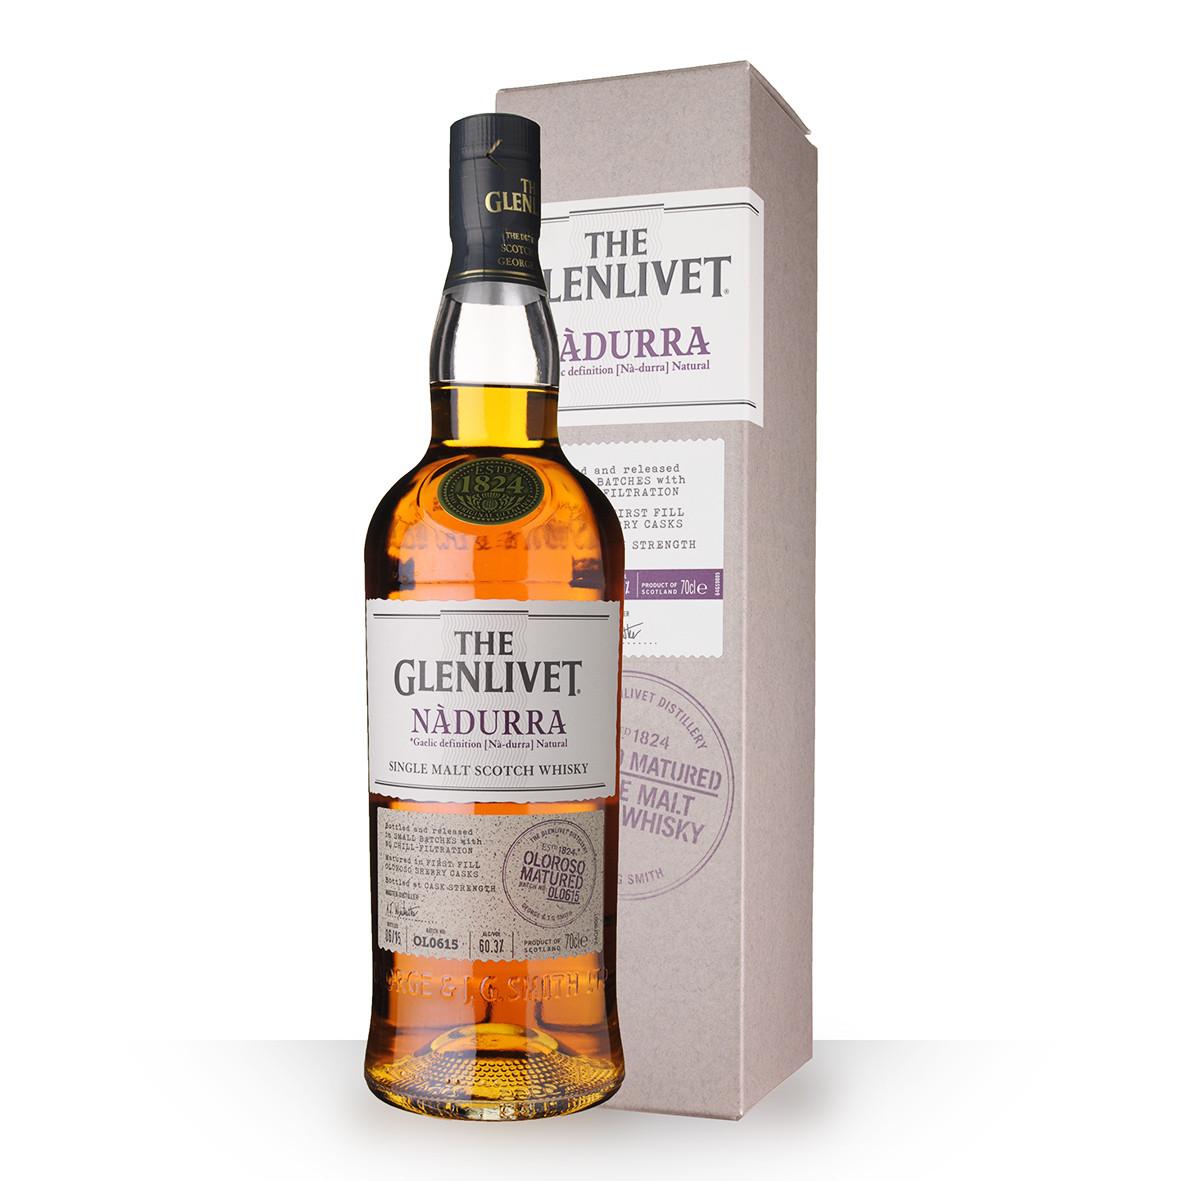 Whisky The Glenlivet Nàdurra Olorosso 70cl Etui www.odyssee-vins.com